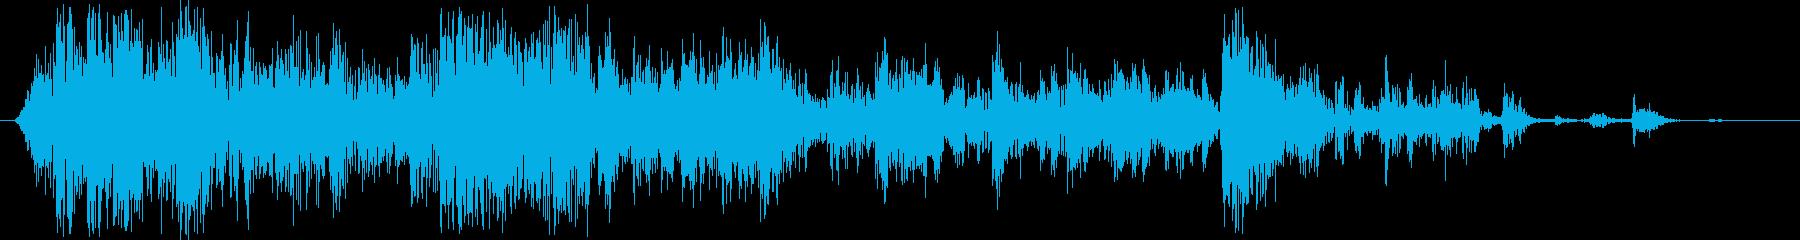 ウッドパイルまたはマイン:崩壊、ウ...の再生済みの波形